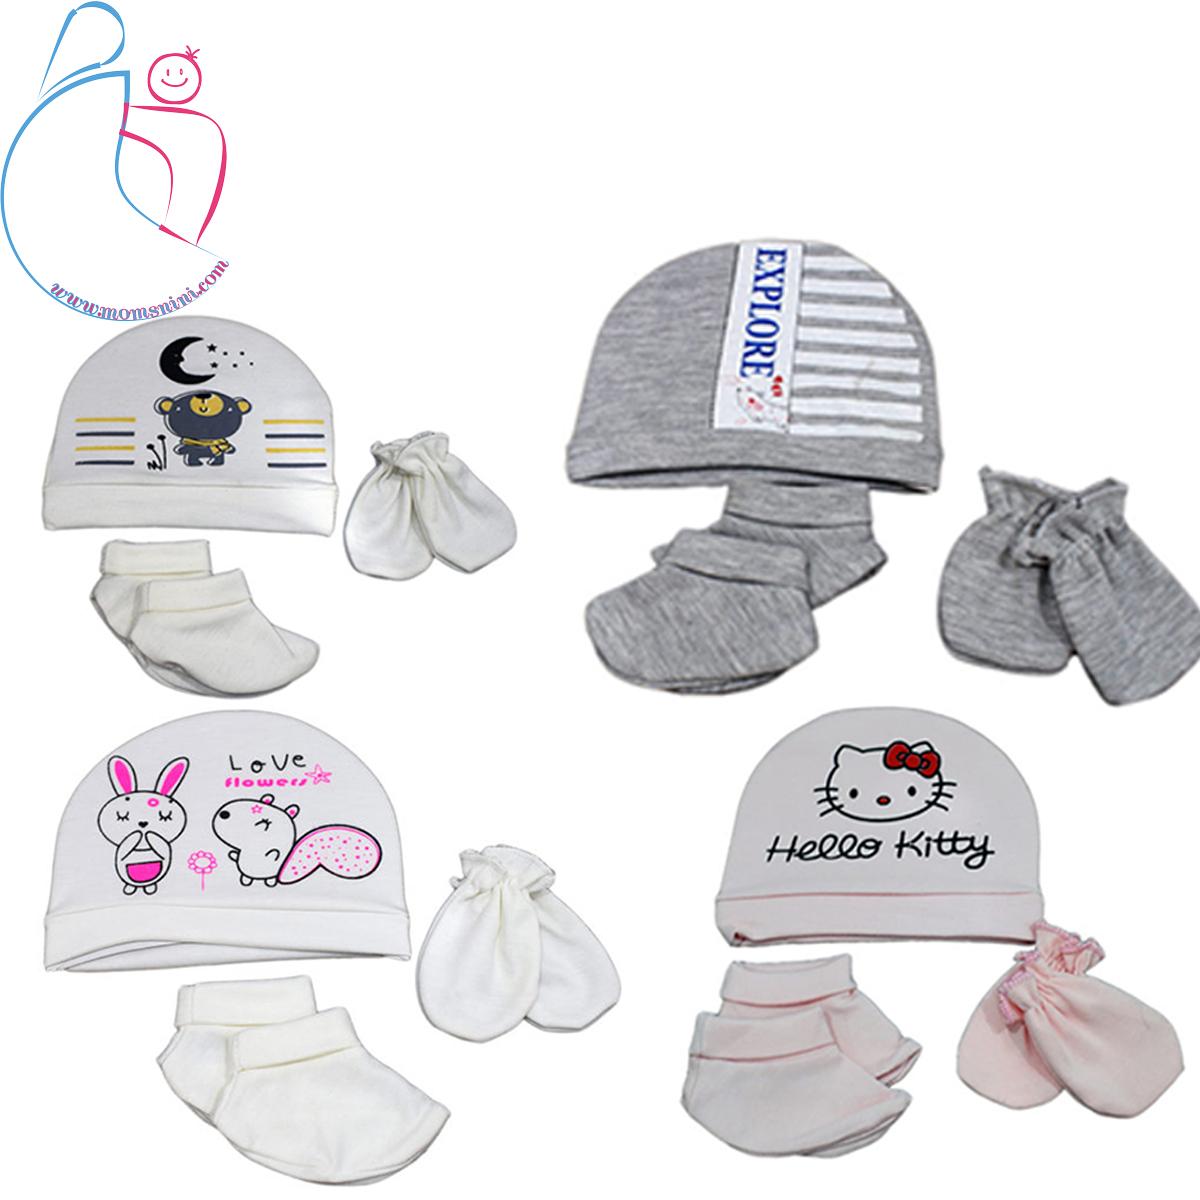 ست کلاه و دستکش و جوراب نوزاد